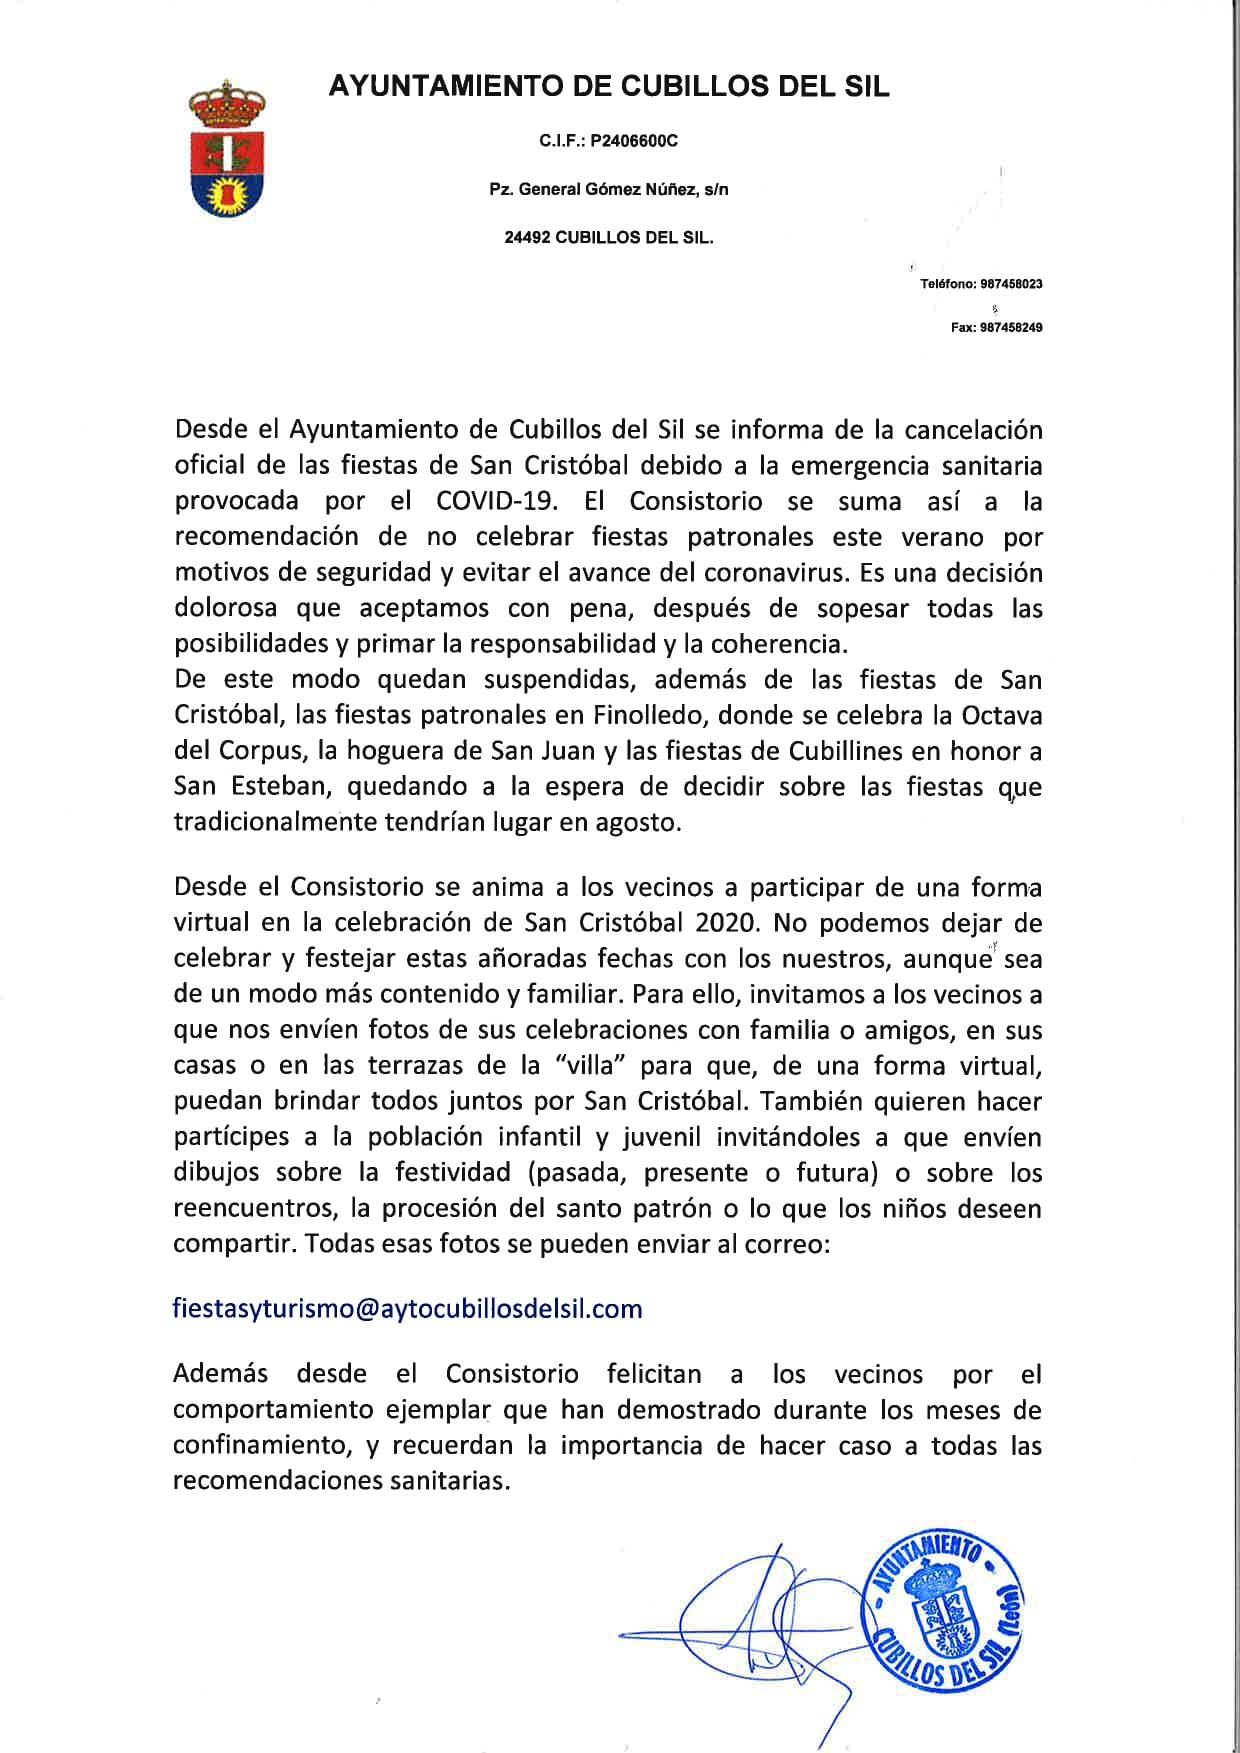 Cubillos del Sil confirma la cancelación de las fiestas de San Cristobal 2020 y plantea un brindis virtual que quedará reflejado en un álbum 2